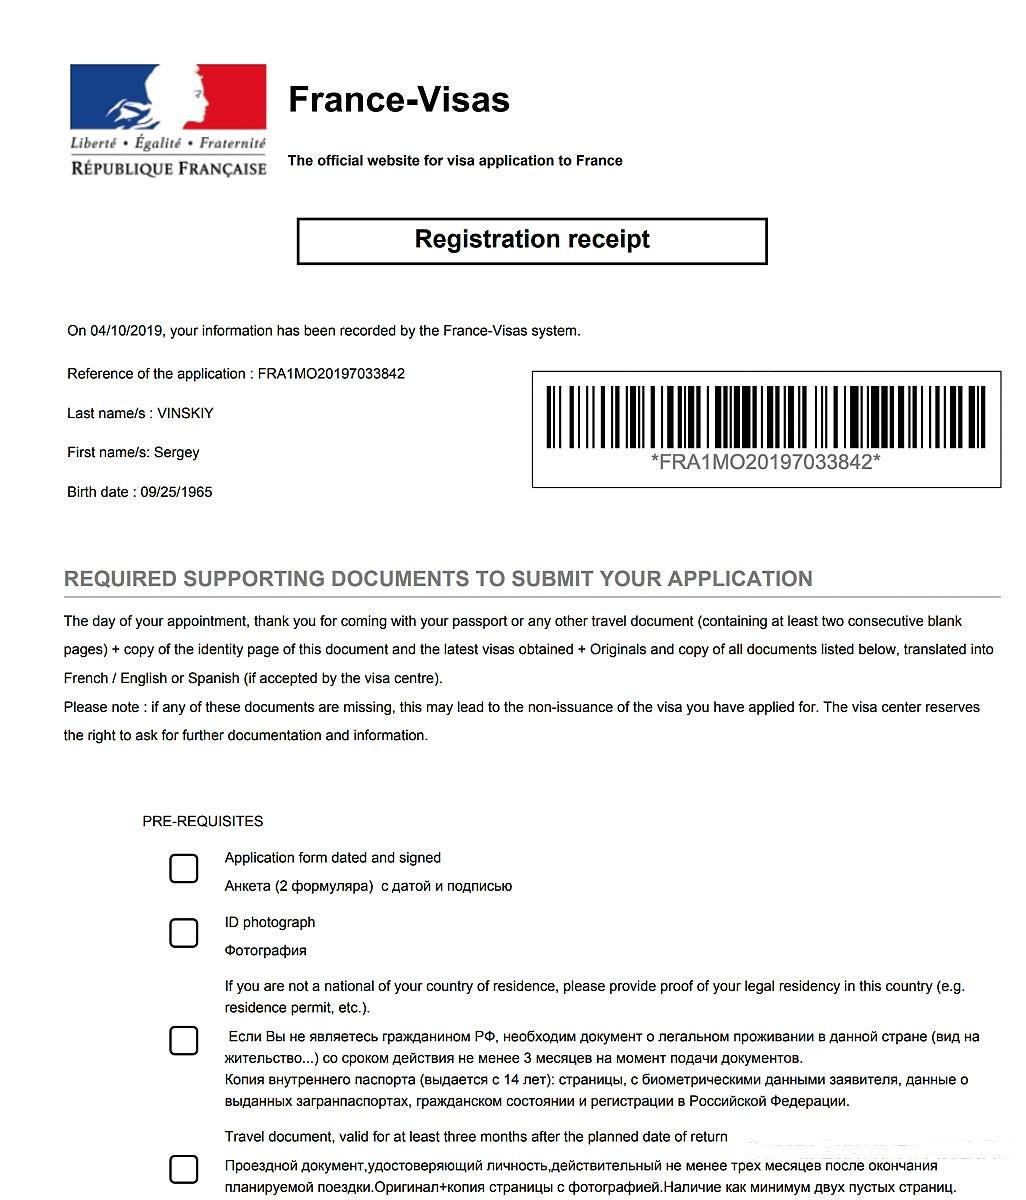 Образец заполнения анкеты на визу во Францию в 2019 году